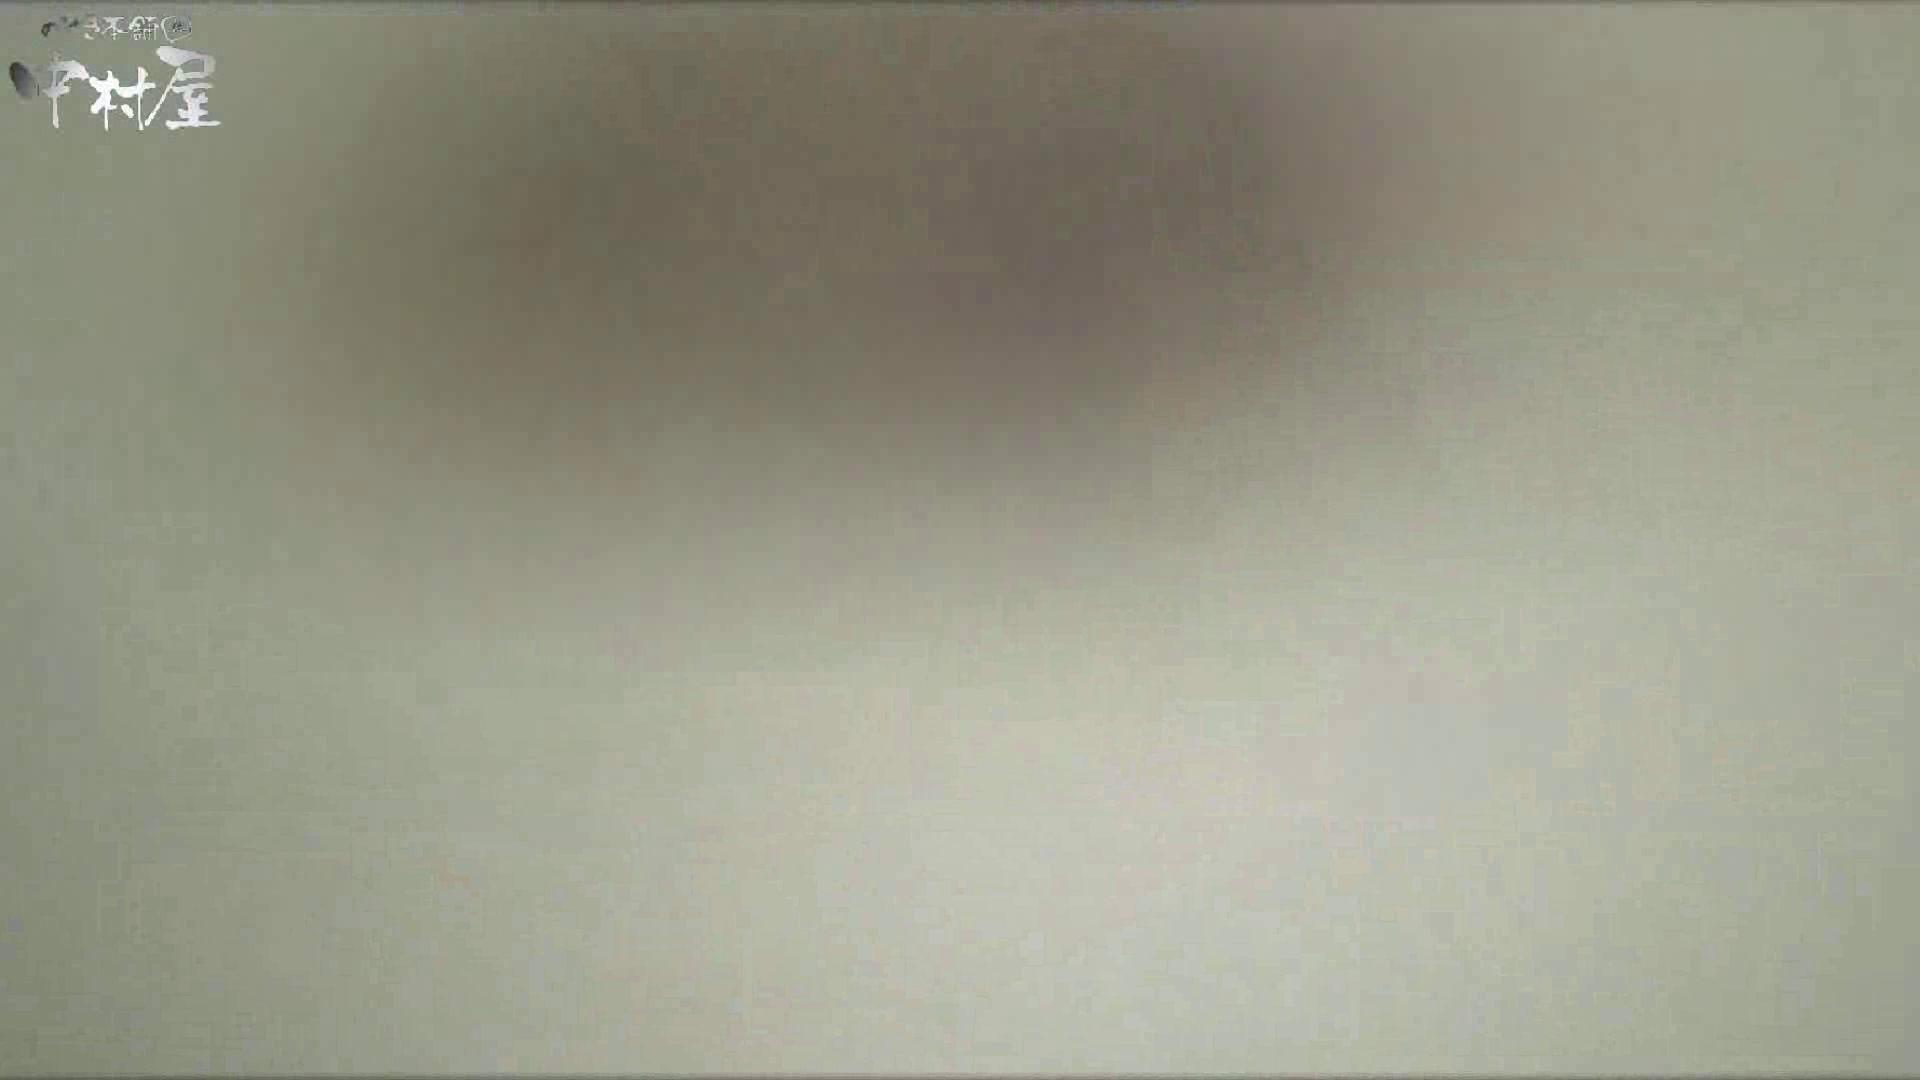 ネムリ姫 vol.09 人気シリーズ ヌード画像 87PIX 72